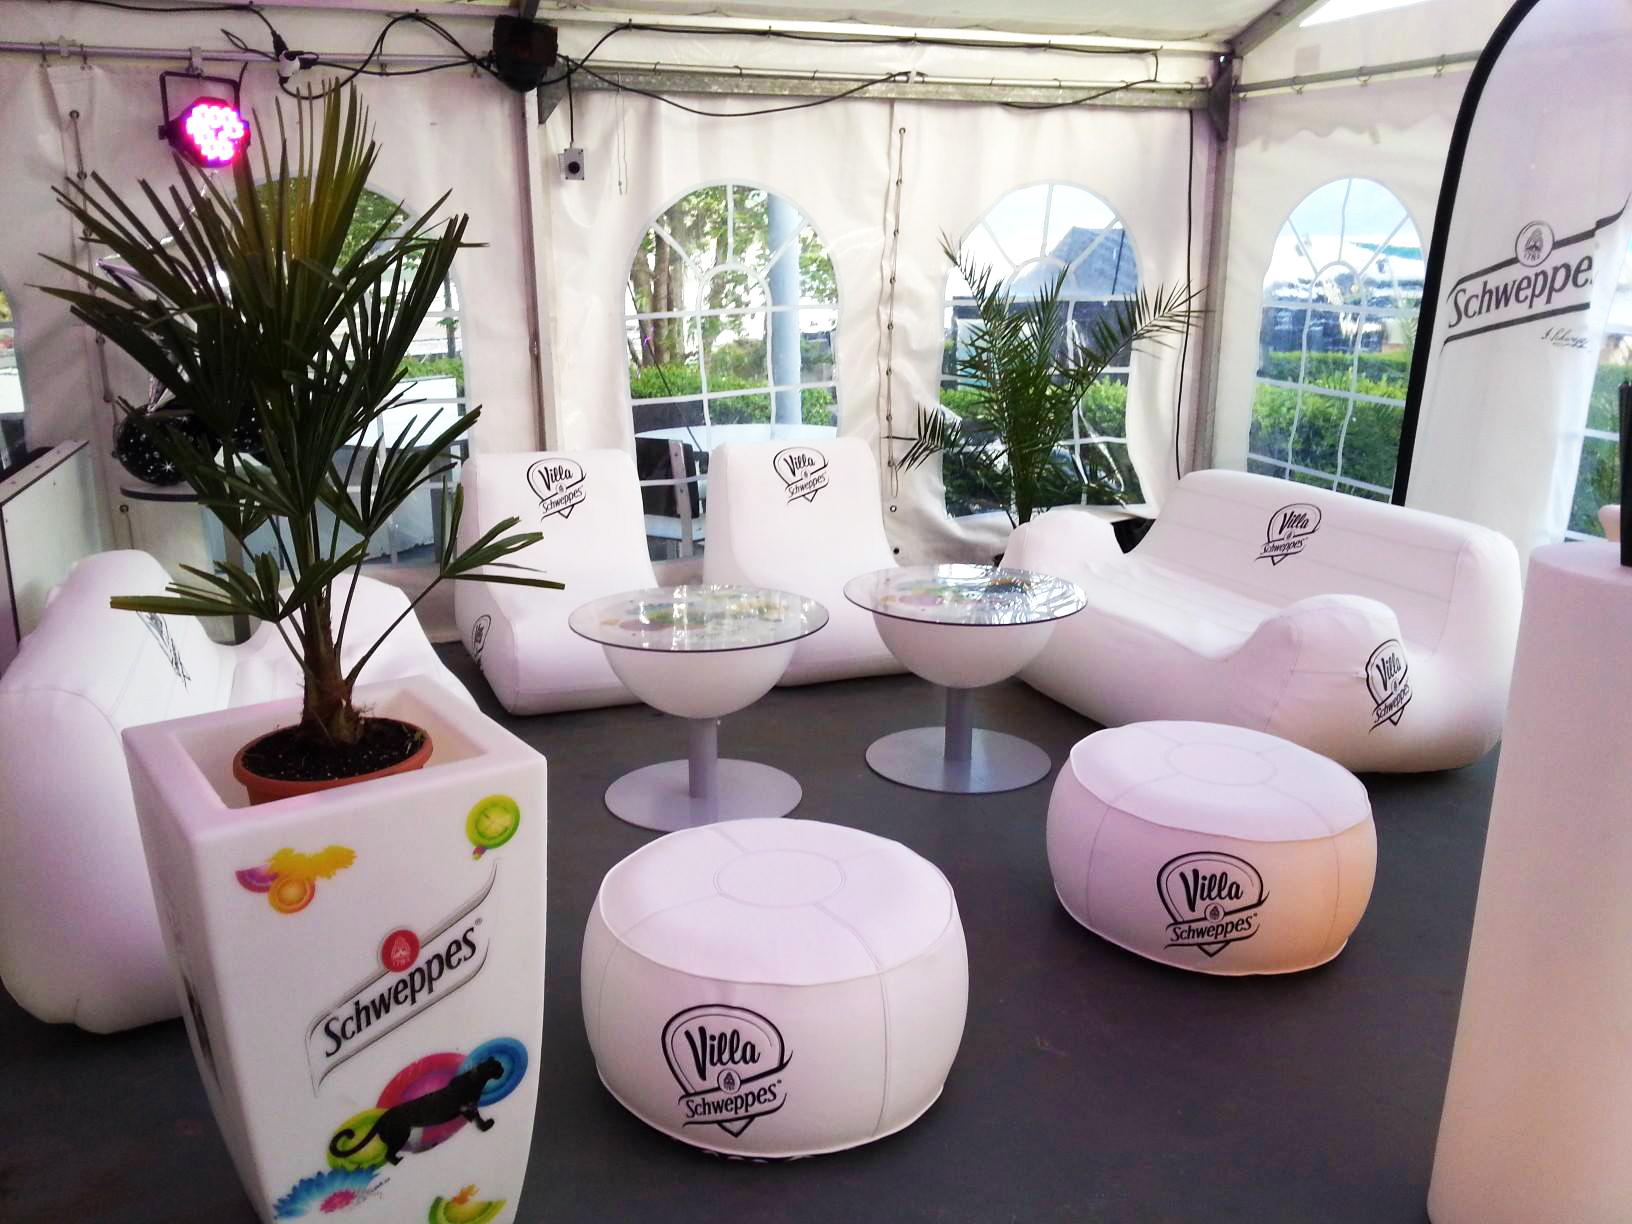 Villa Schweppes, mobilier, gonflable, haut de gamme, fauteuil, canapé, pouf